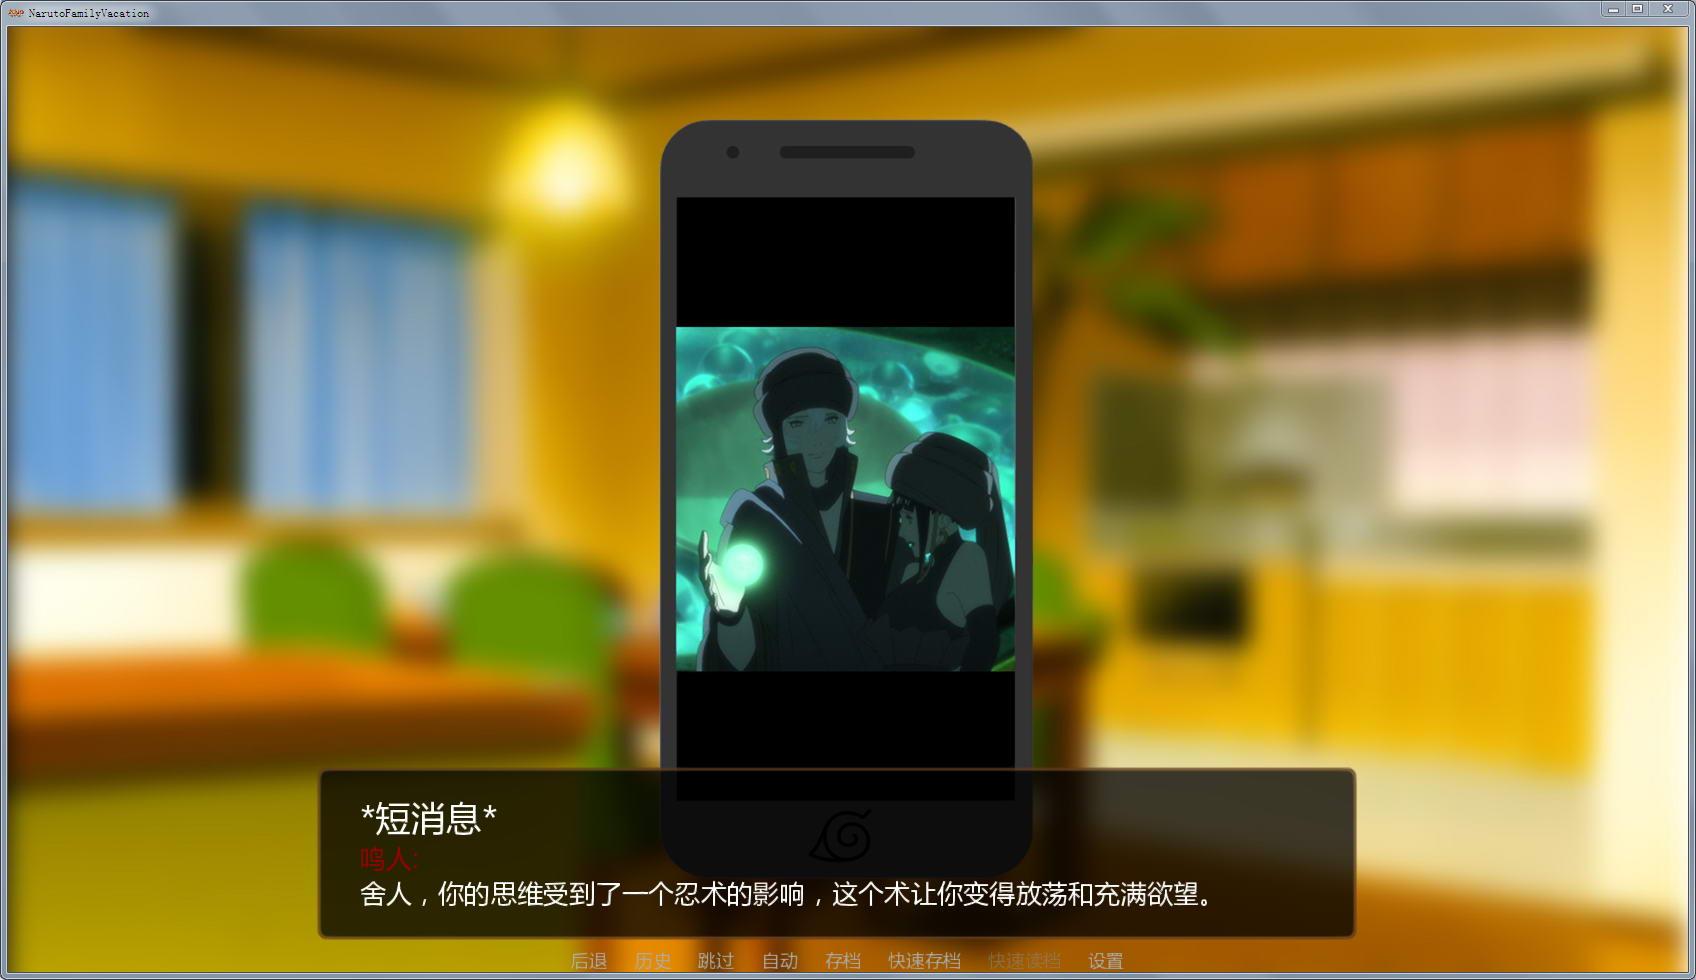 火影同人:鸣人的假期 Ver 1.0 免付费最终汉化版+攻略【PC+安卓/ADV/06-26-04/1G】